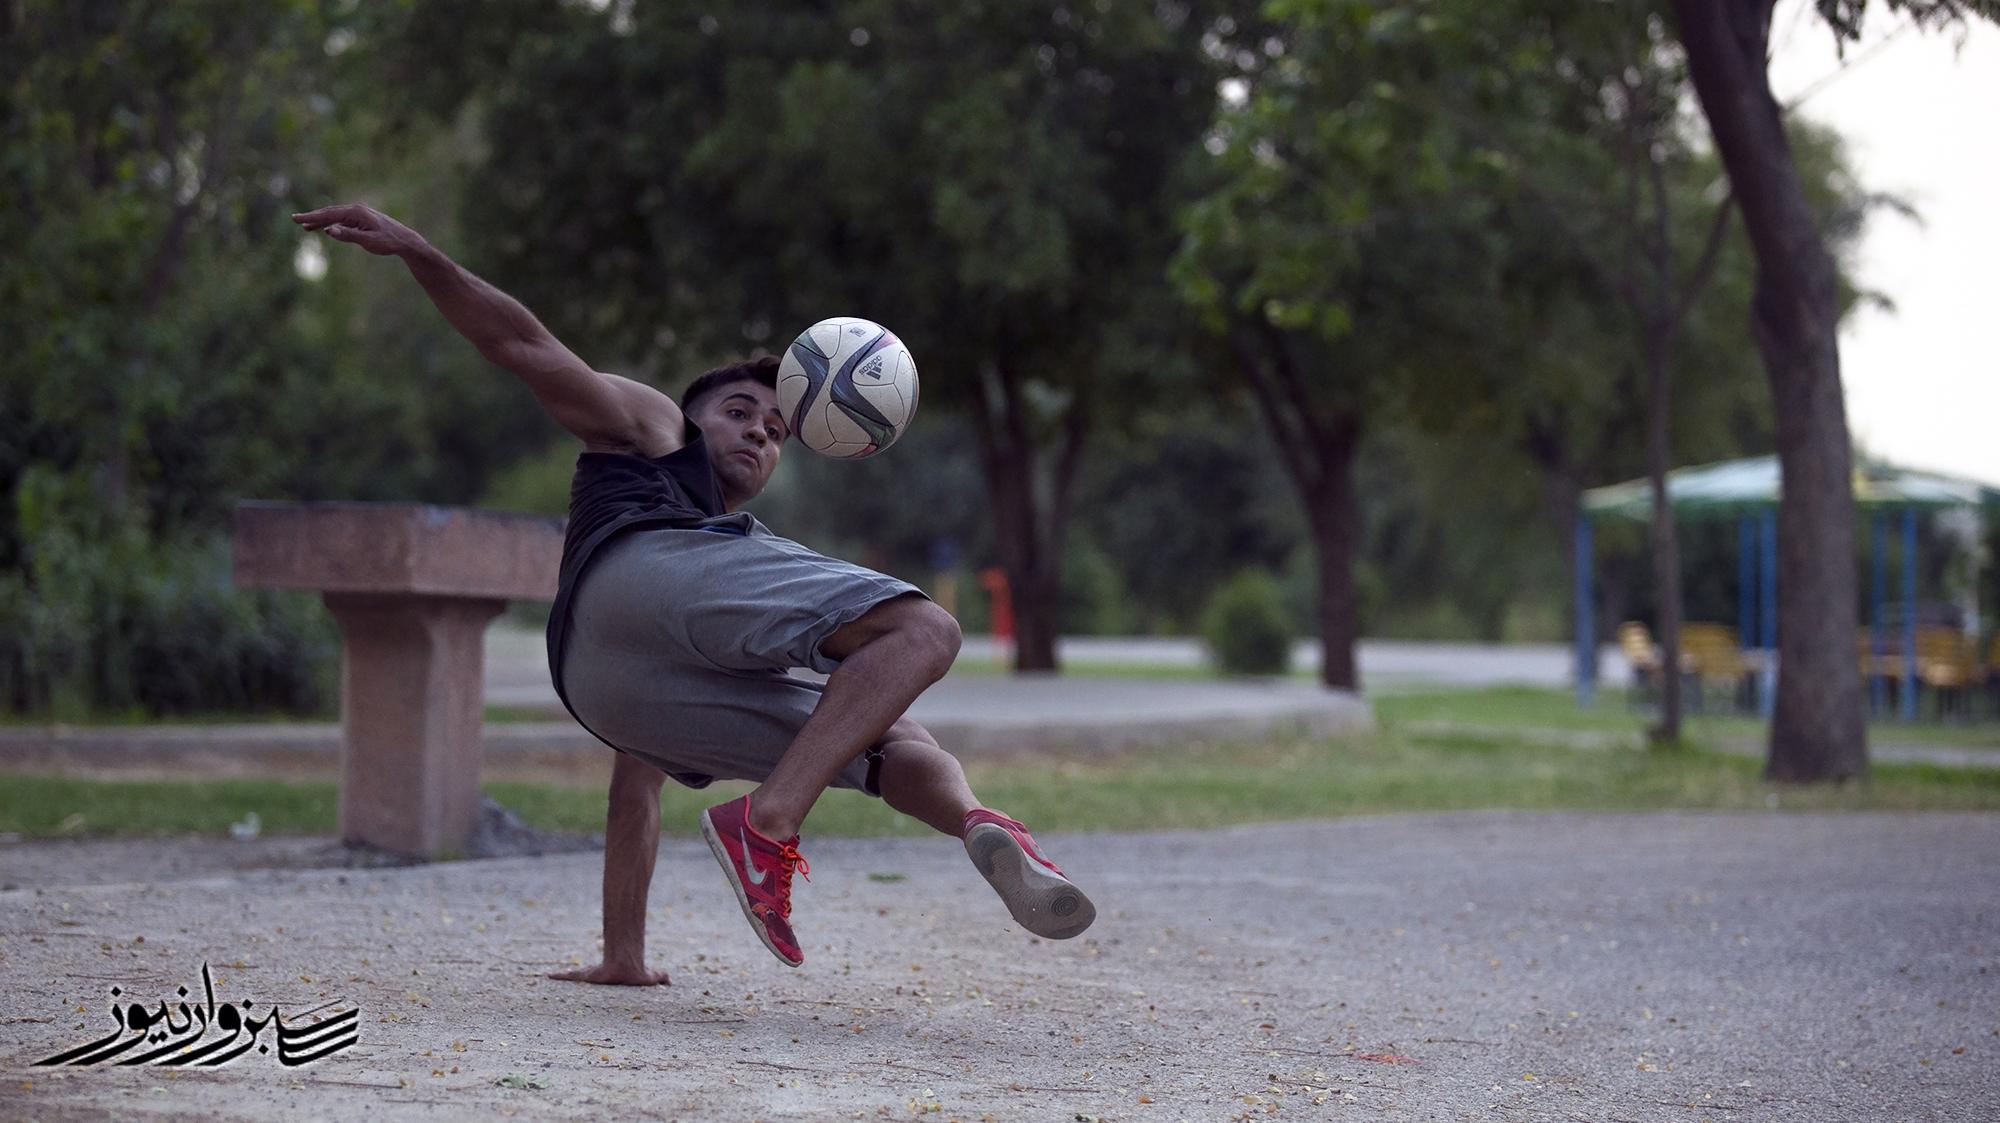 فوتبال برای دوستی؛ تمرین آنلاین خبرنگاری ورزشی و فنون فوتبال نمایشی